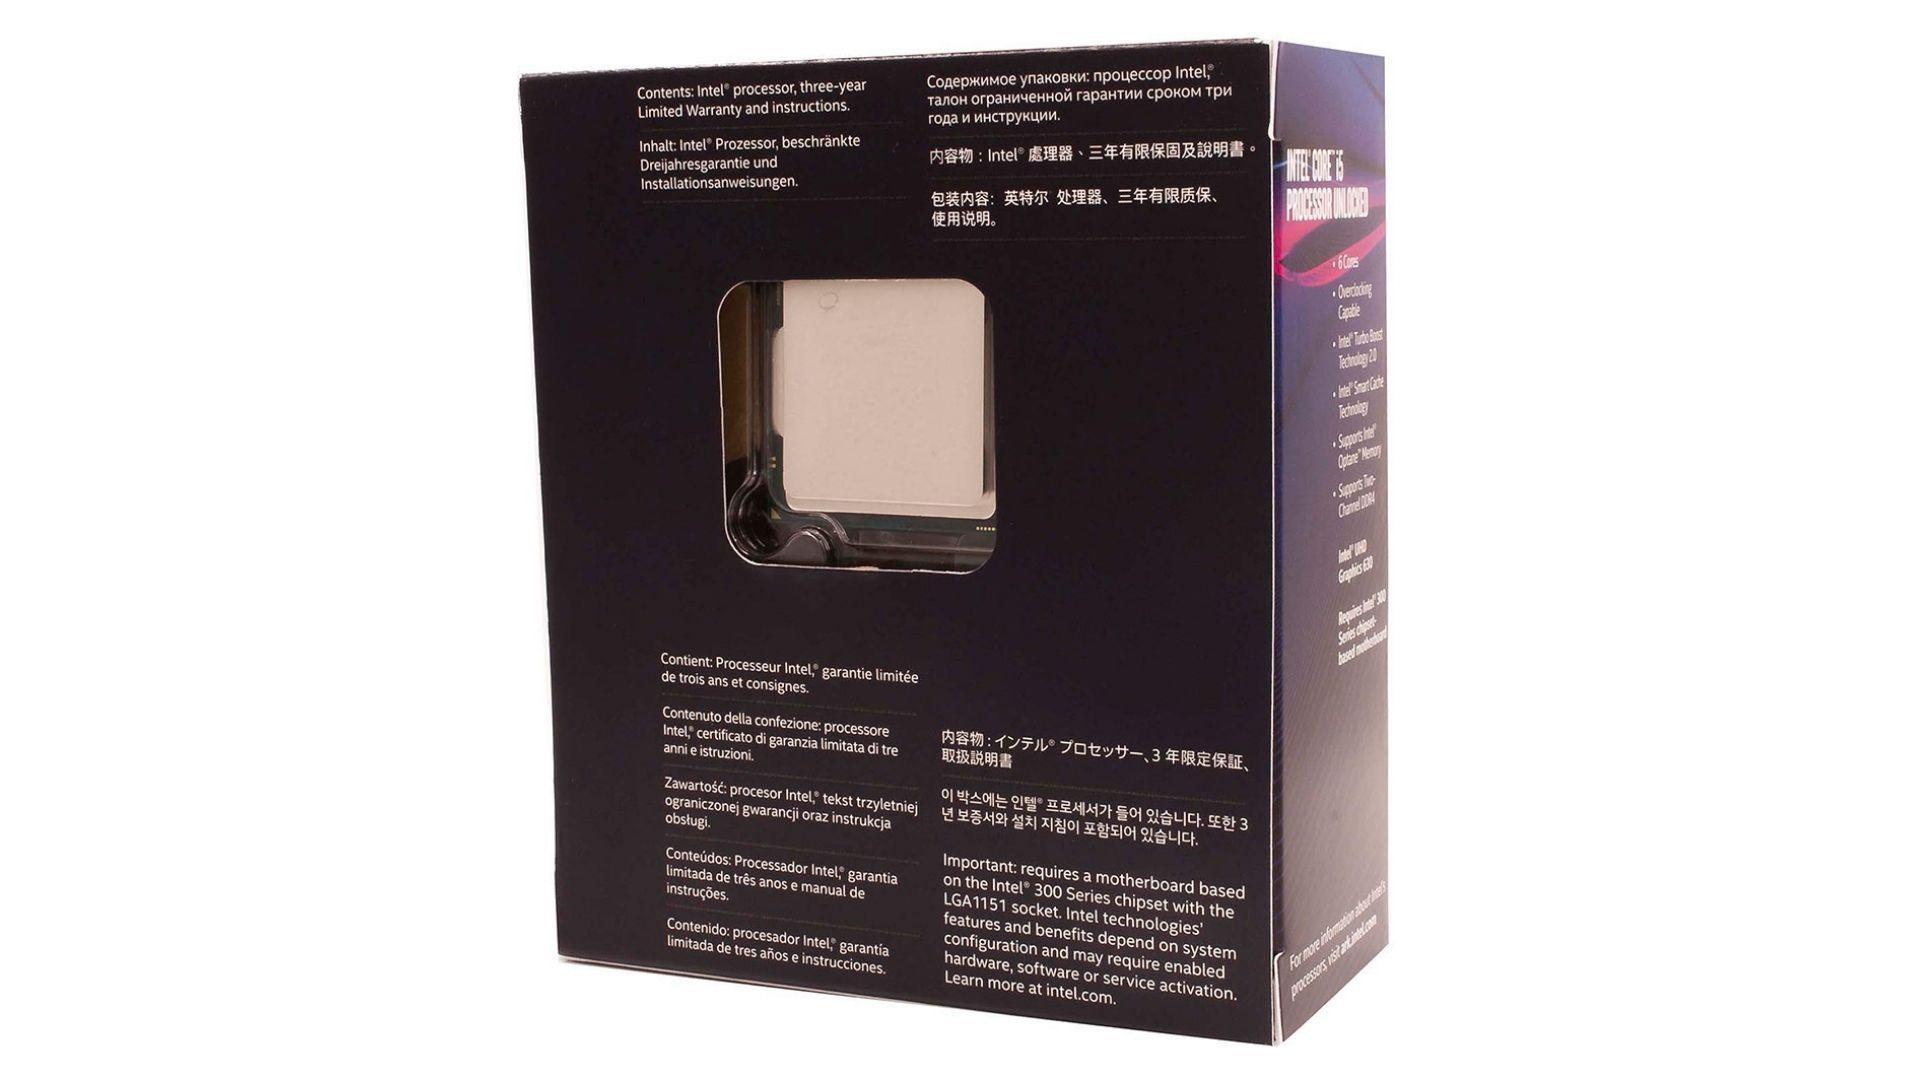 Parte traseira da caixa do processador Intel Core i5-8400 com espaço que mostra a CPU